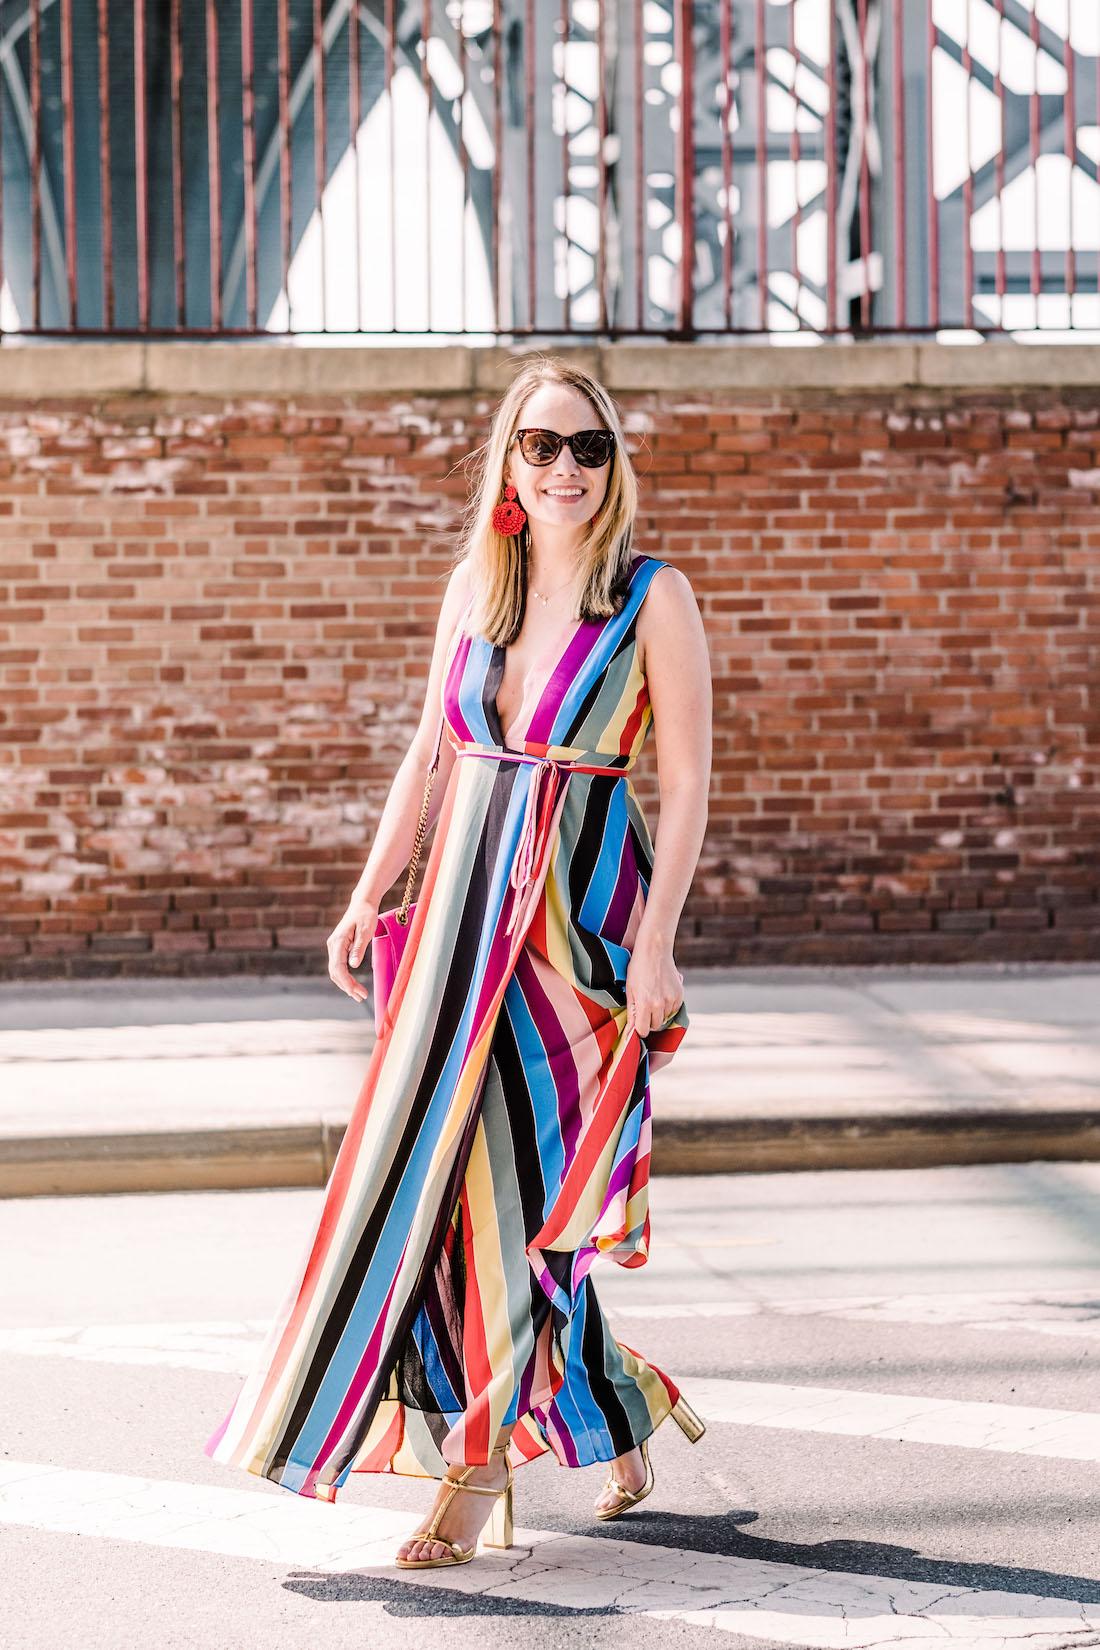 bloomingdales-aqua-rainbow-dress-8